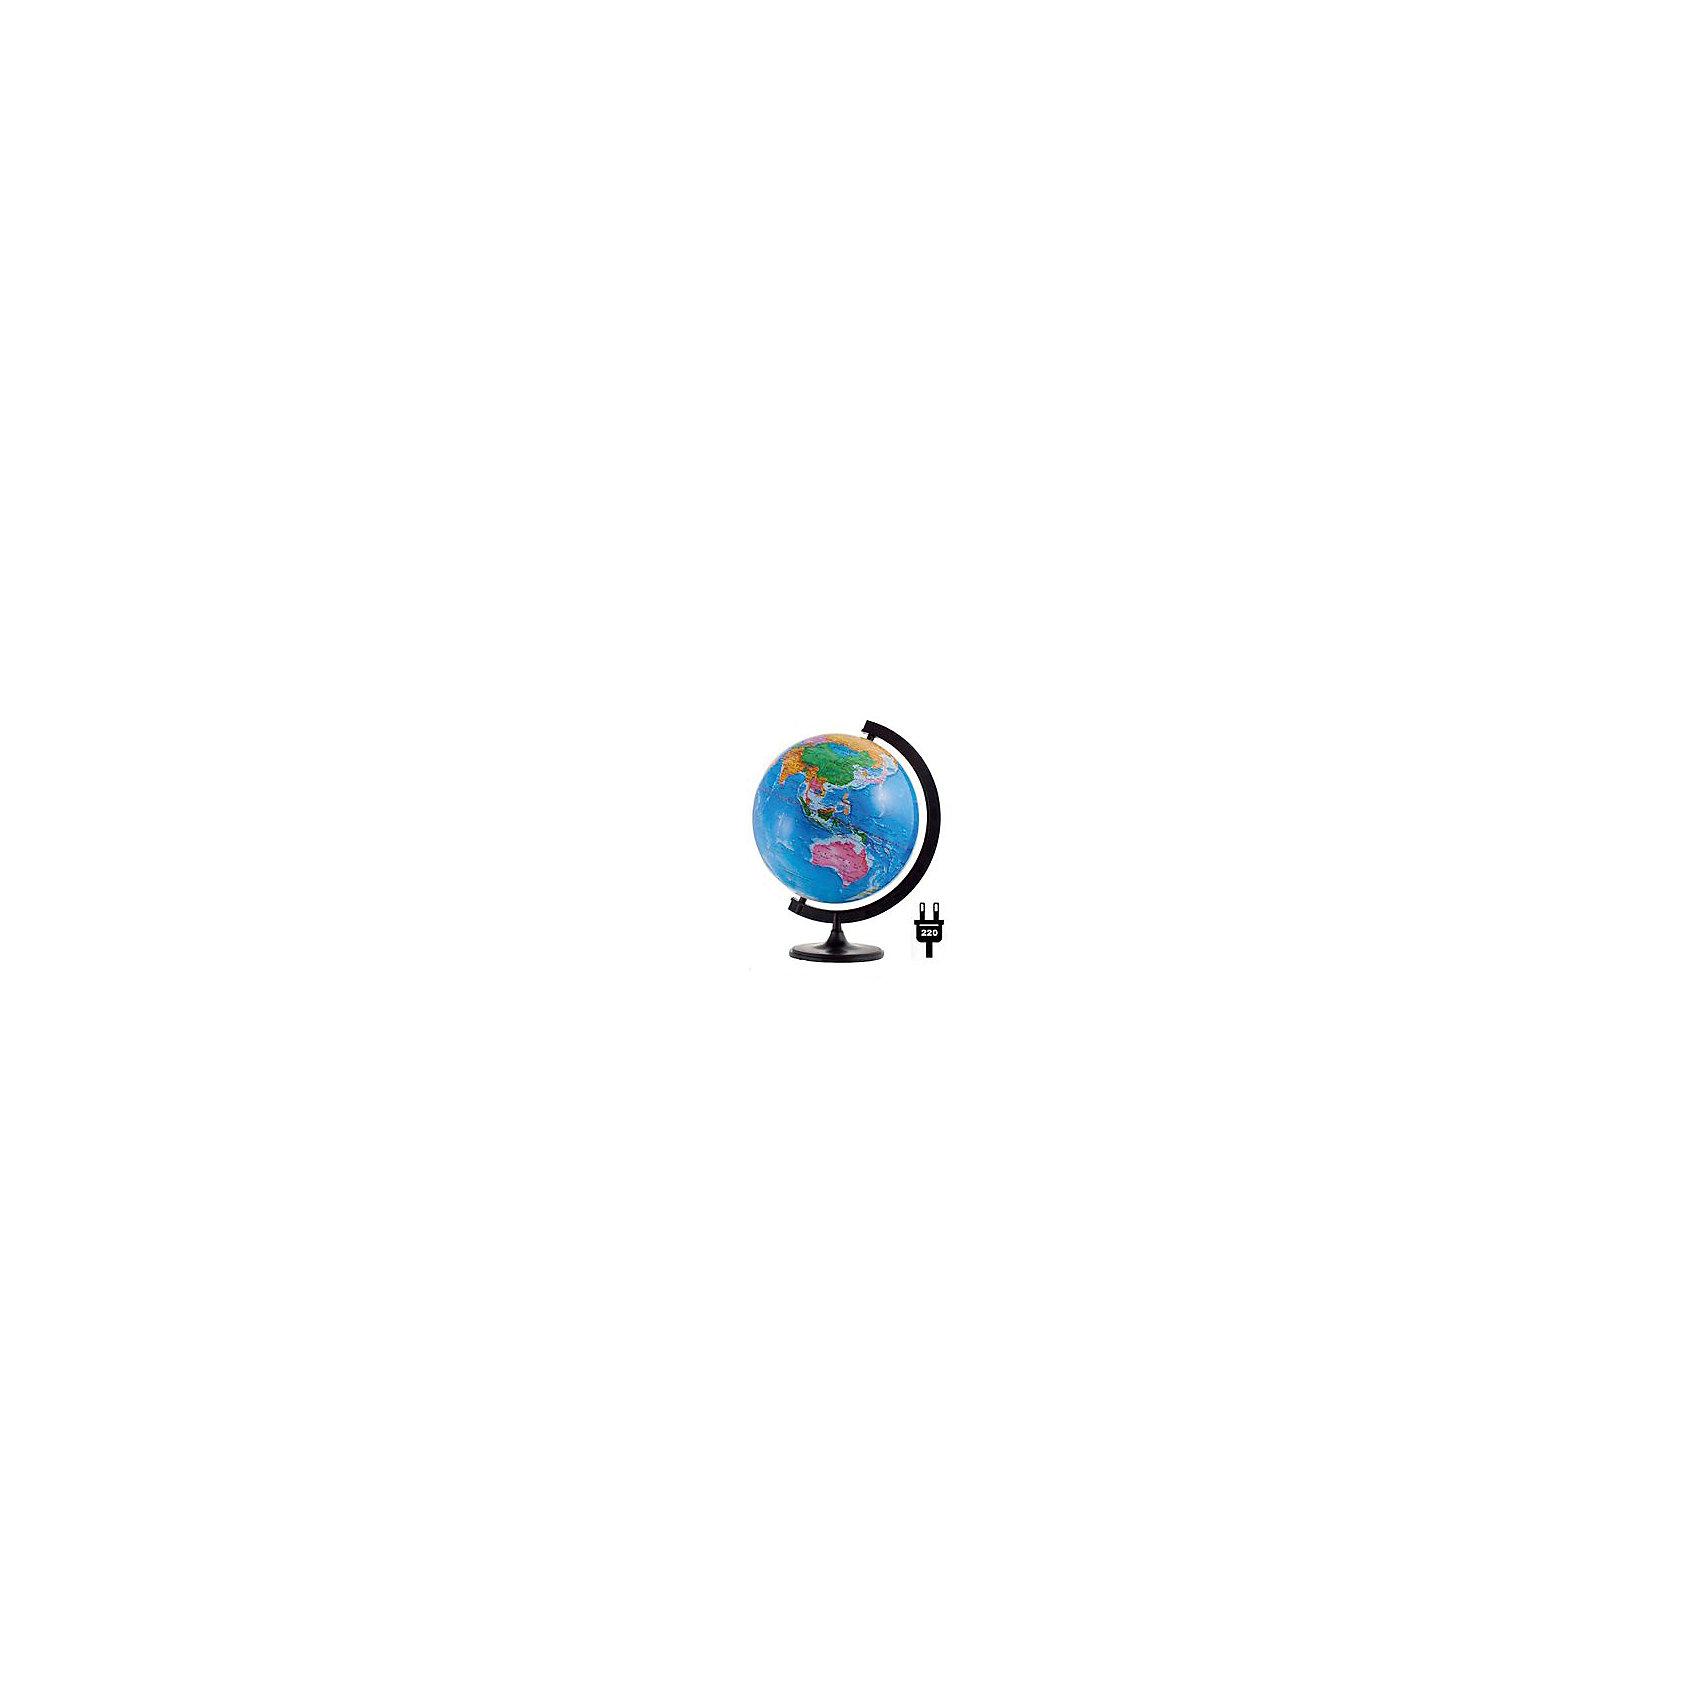 Глобус Земли политический с подсветкой, диаметр 320 ммГлобусы<br>Диаметр: 320 мм<br><br>Масштаб: 1:40000000<br><br>Материал подставки: Пластик<br><br>Цвет подставки: Черный<br><br>Ширина мм: 343<br>Глубина мм: 343<br>Высота мм: 355<br>Вес г: 1035<br>Возраст от месяцев: 72<br>Возраст до месяцев: 2147483647<br>Пол: Унисекс<br>Возраст: Детский<br>SKU: 5518212